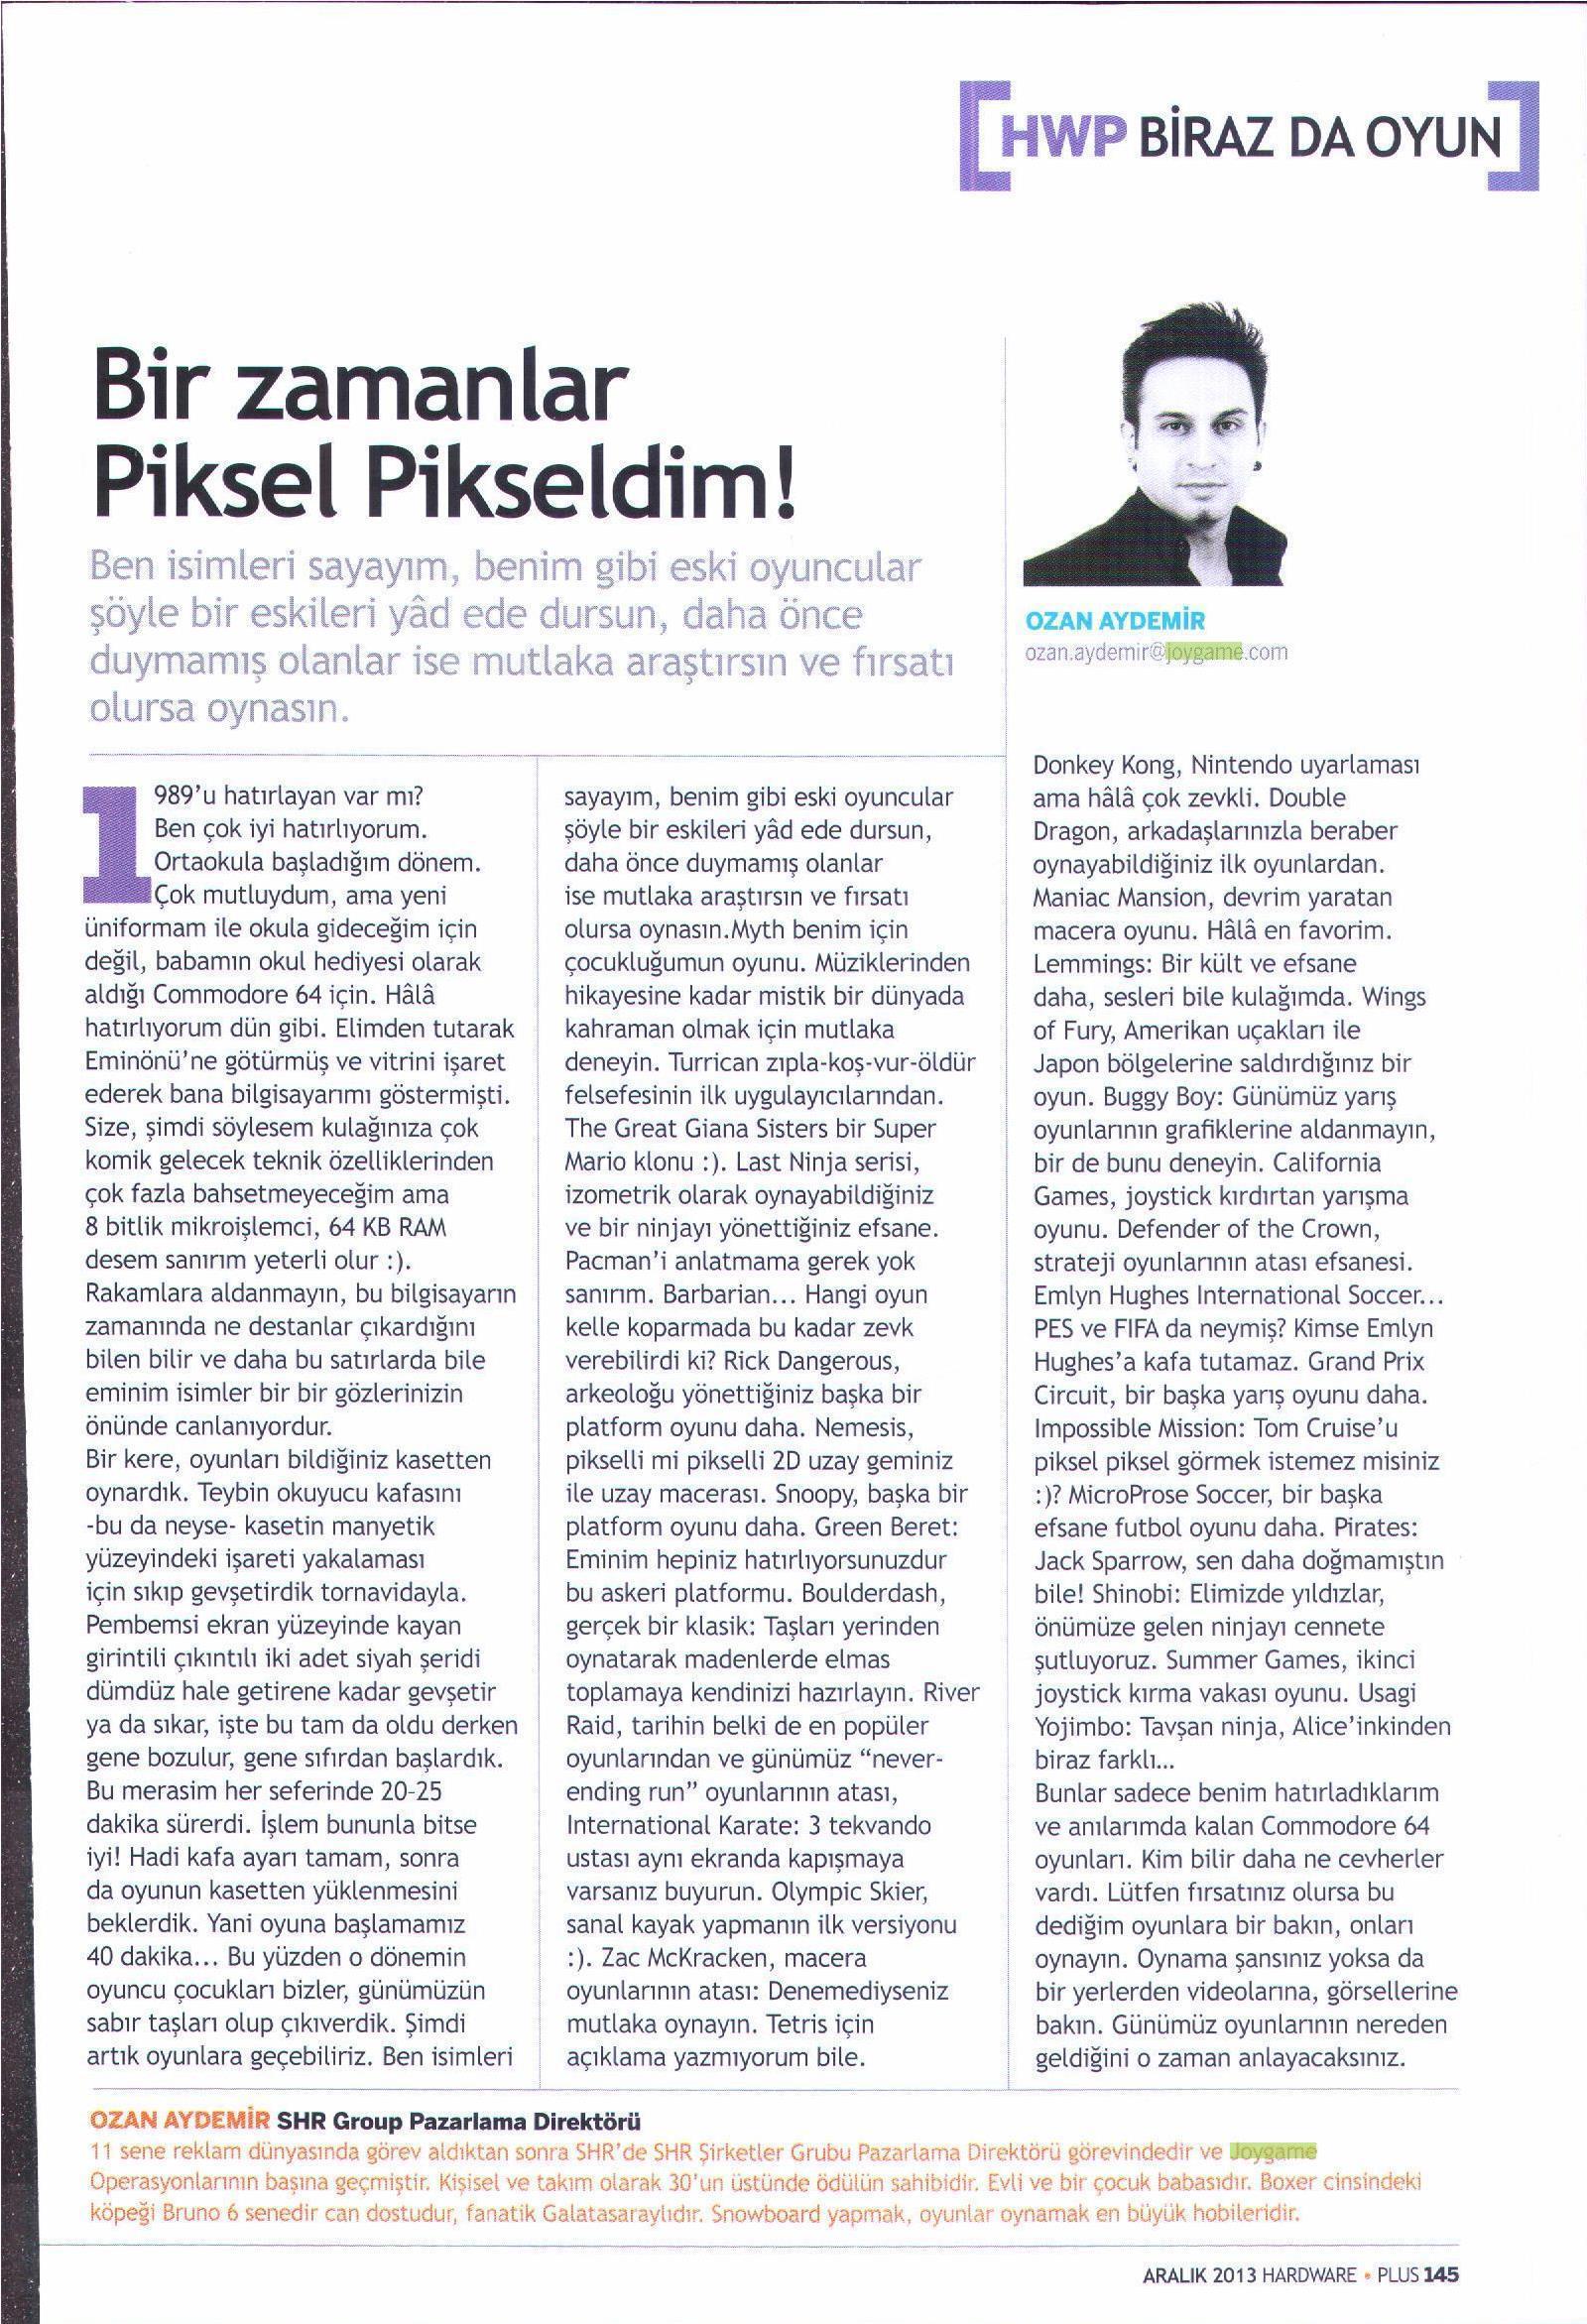 Netmarble-Turkey-Hardware-Plus-Ozan-Aydemir-Aralik-2013